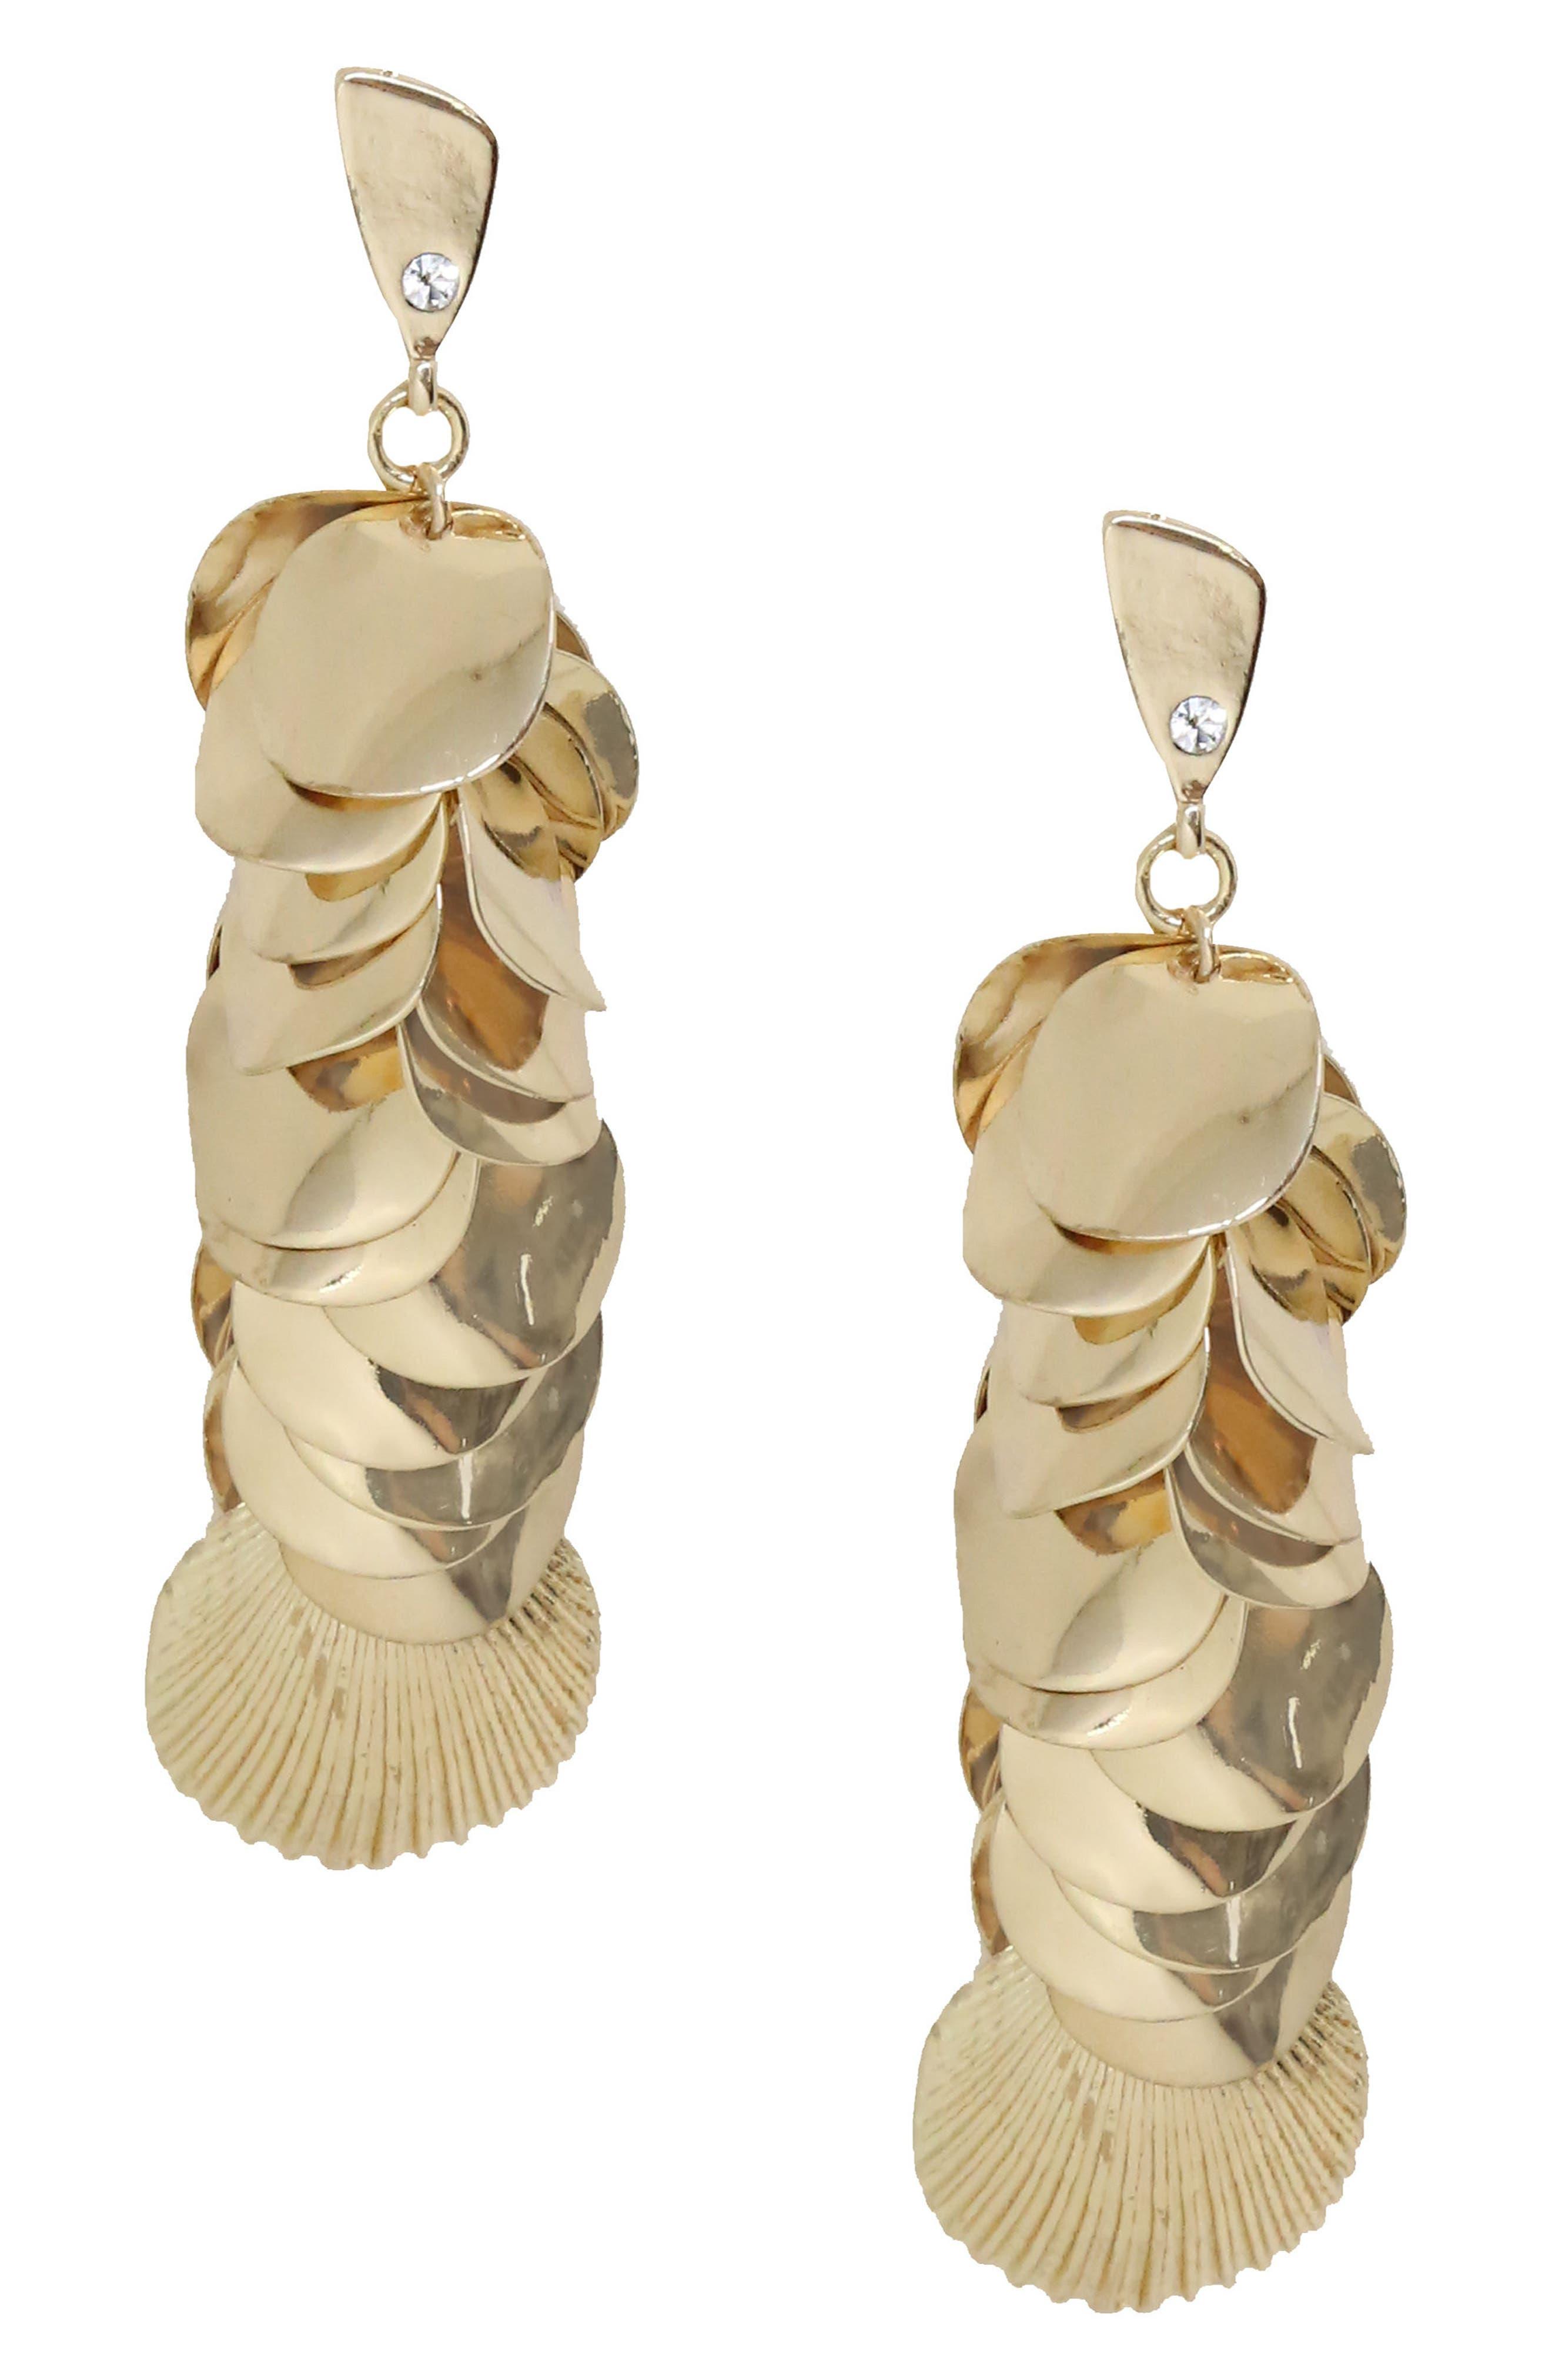 Shell Disc Earrings,                             Main thumbnail 1, color,                             710